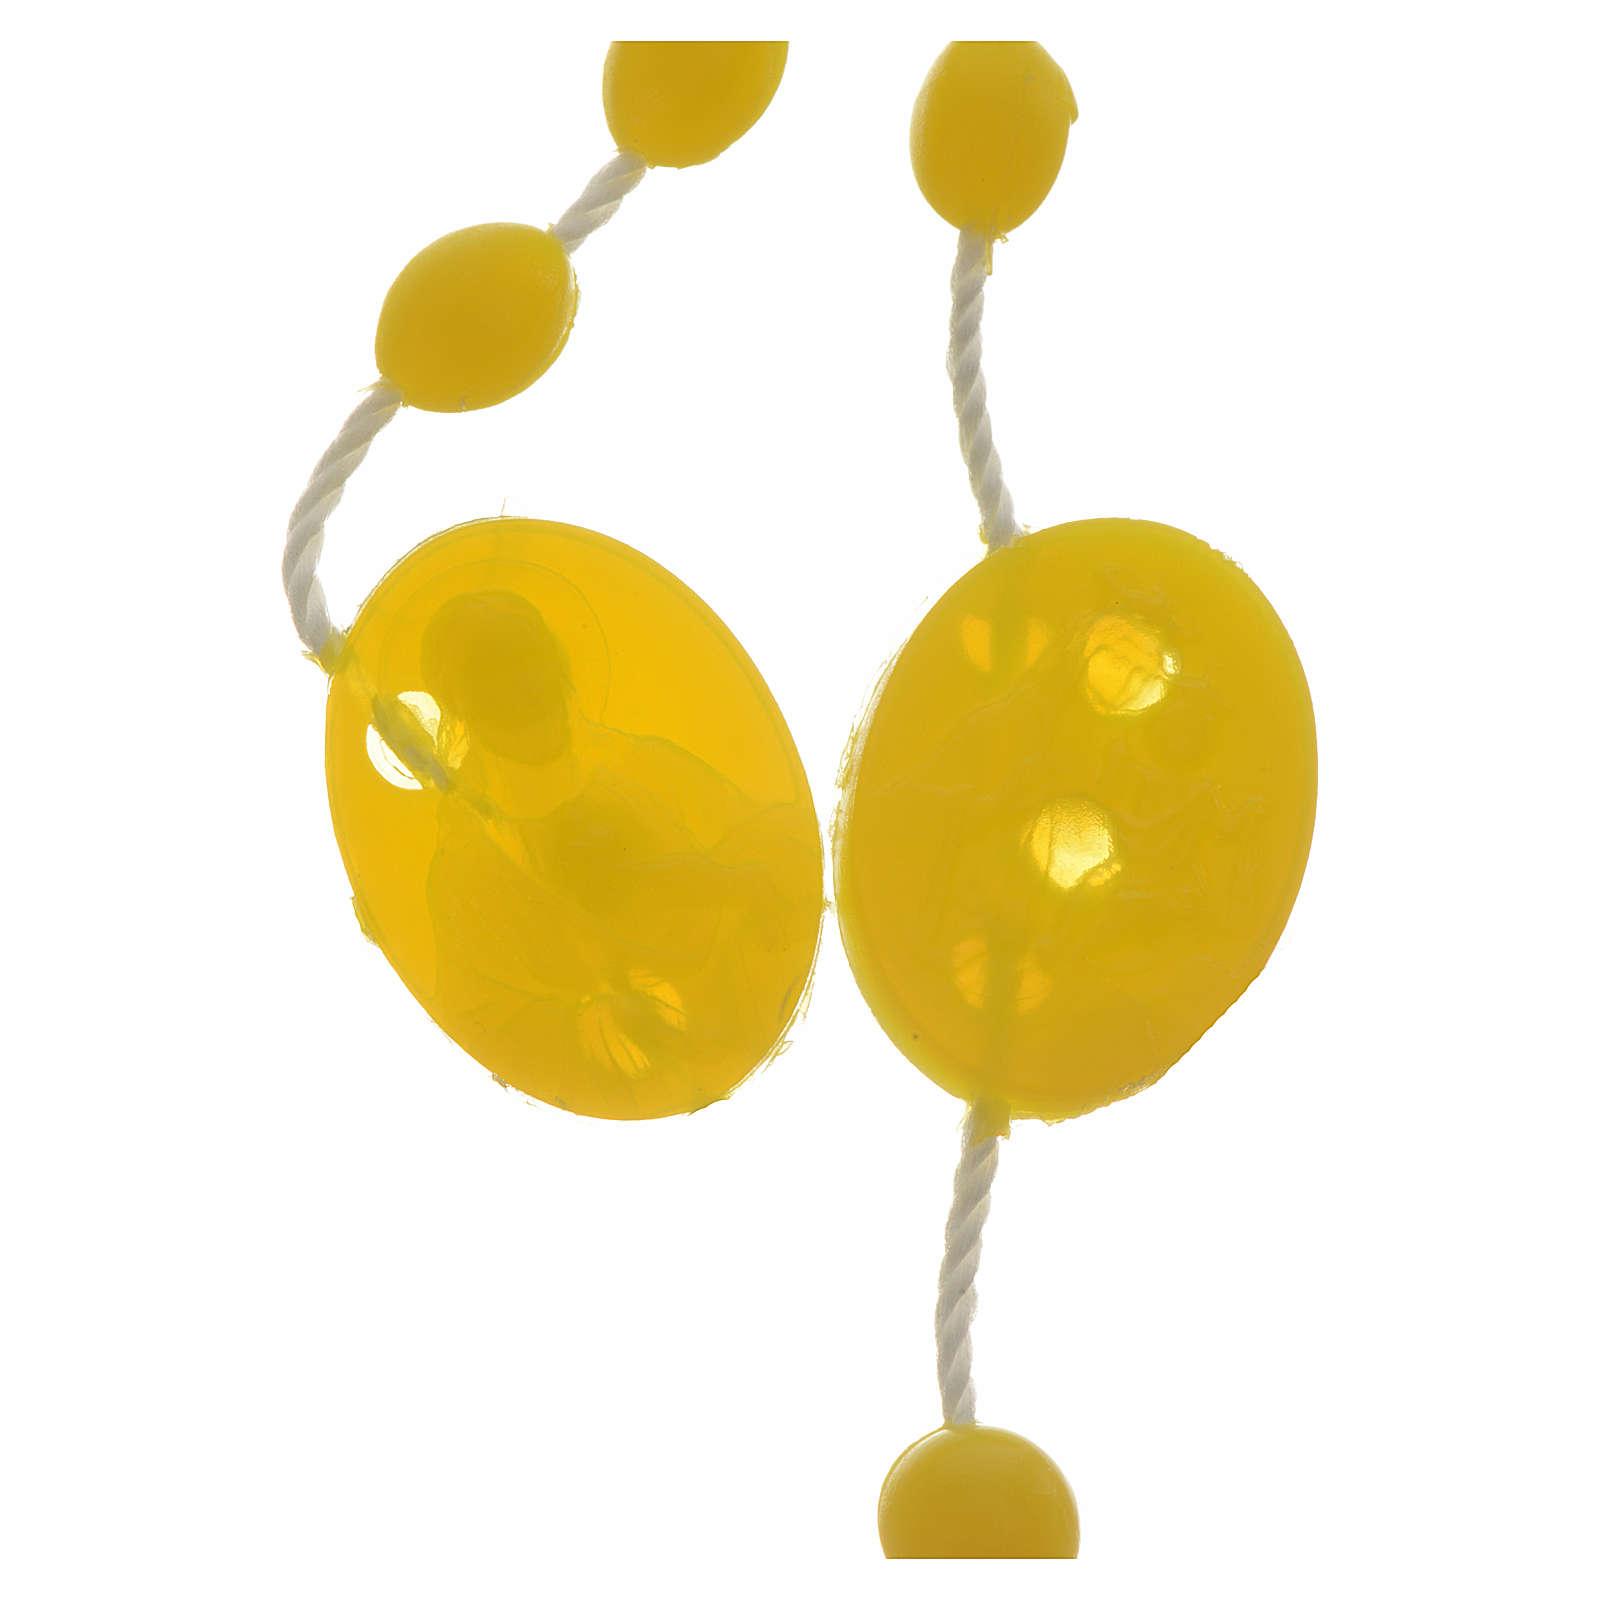 Chapelet nylon jaune pièce central ouverture facile 4